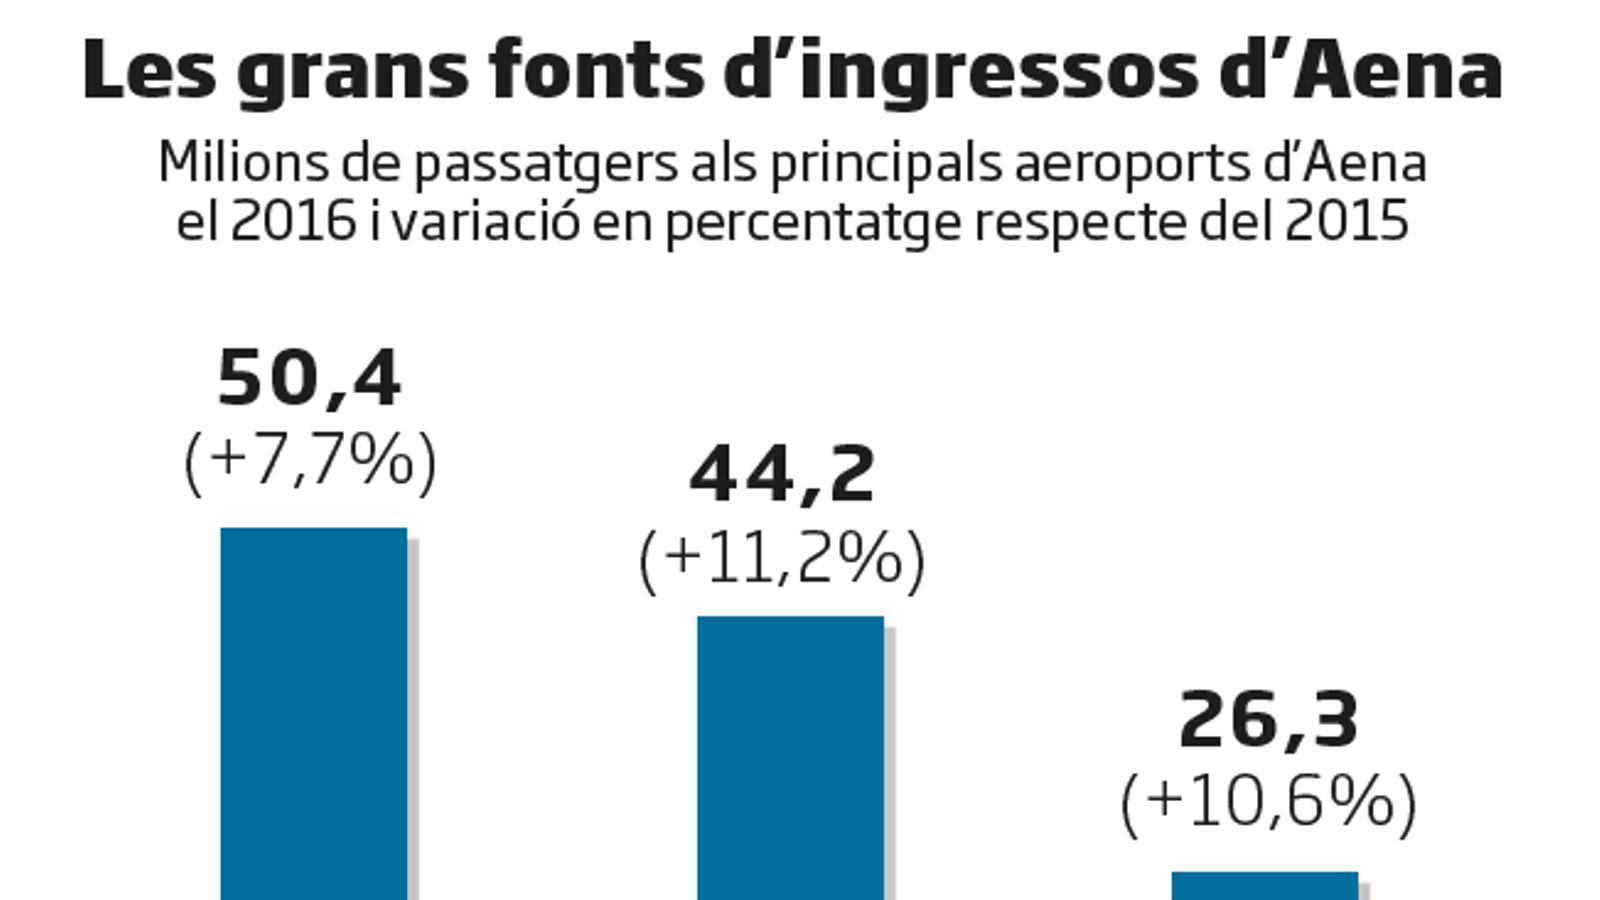 Aena, un gegant aeroportuari que se supera any rere any